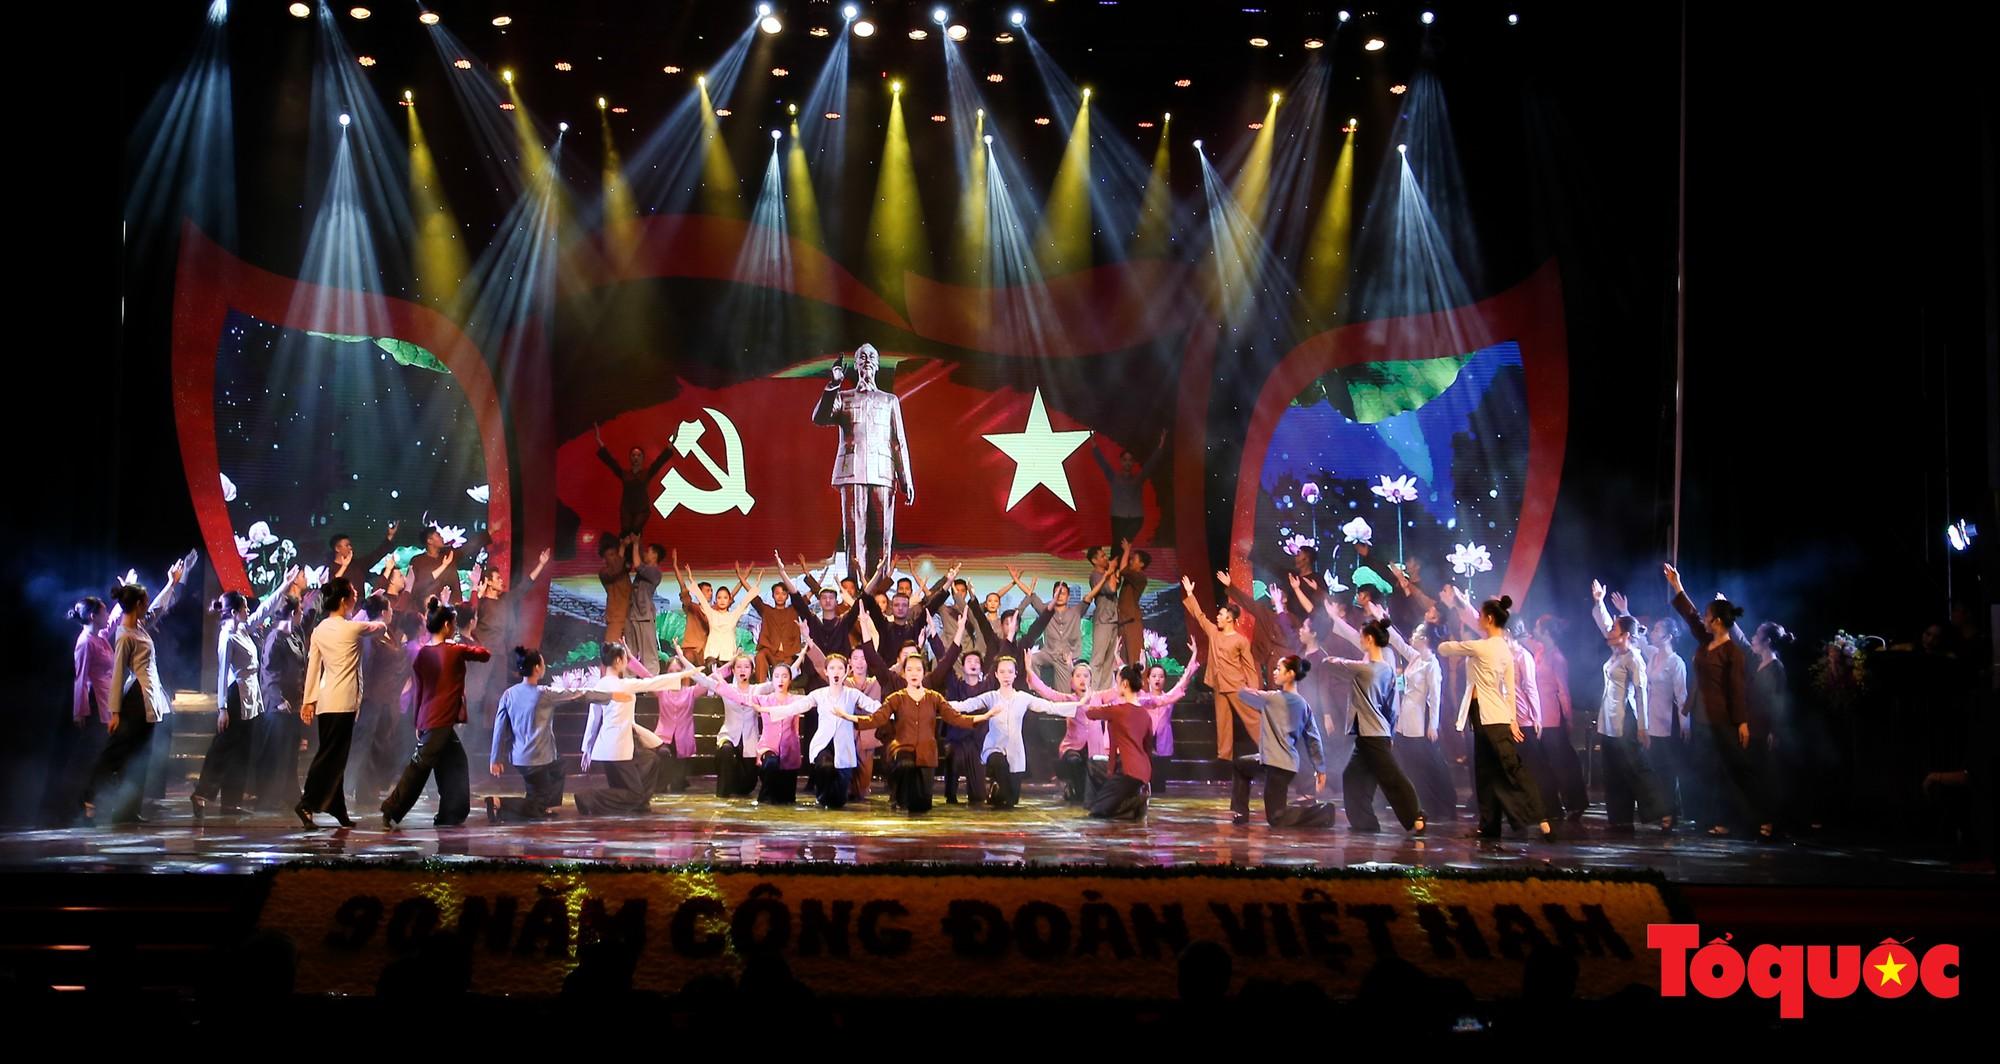 Long trọng Lễ kỷ niệm 90 năm Ngày thành lập Công đoàn Việt Nam (3)